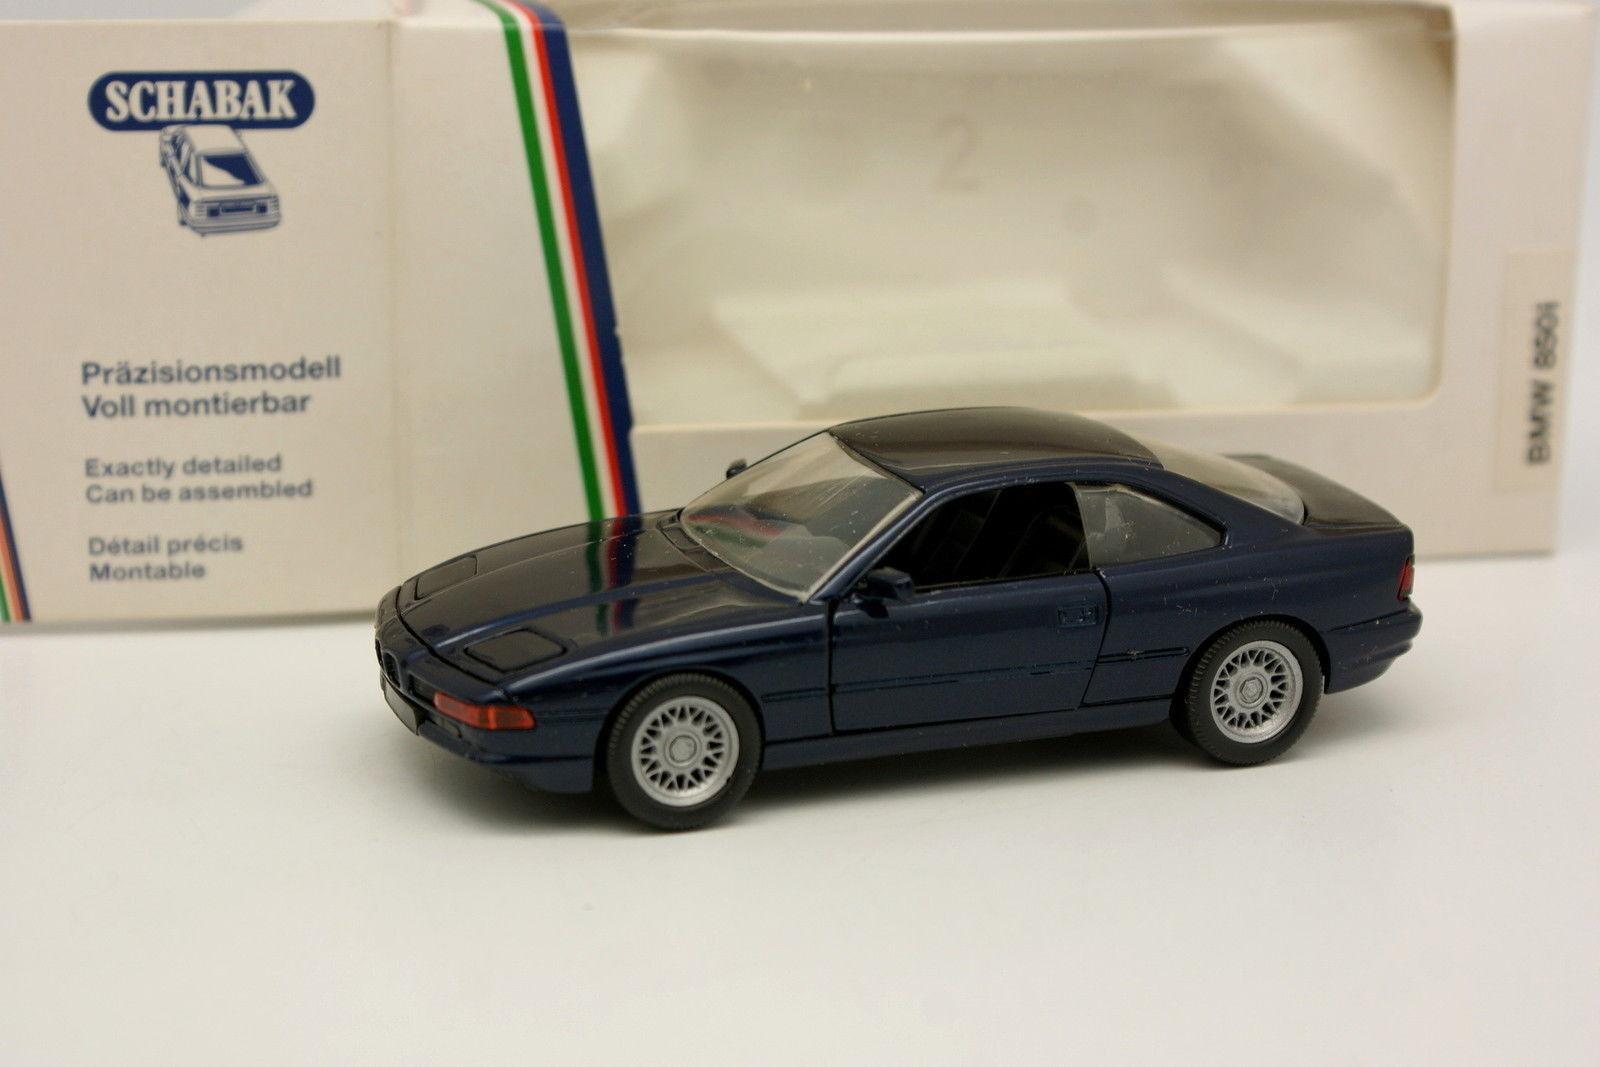 Schabak 1 43 - BMW 850 bluee I